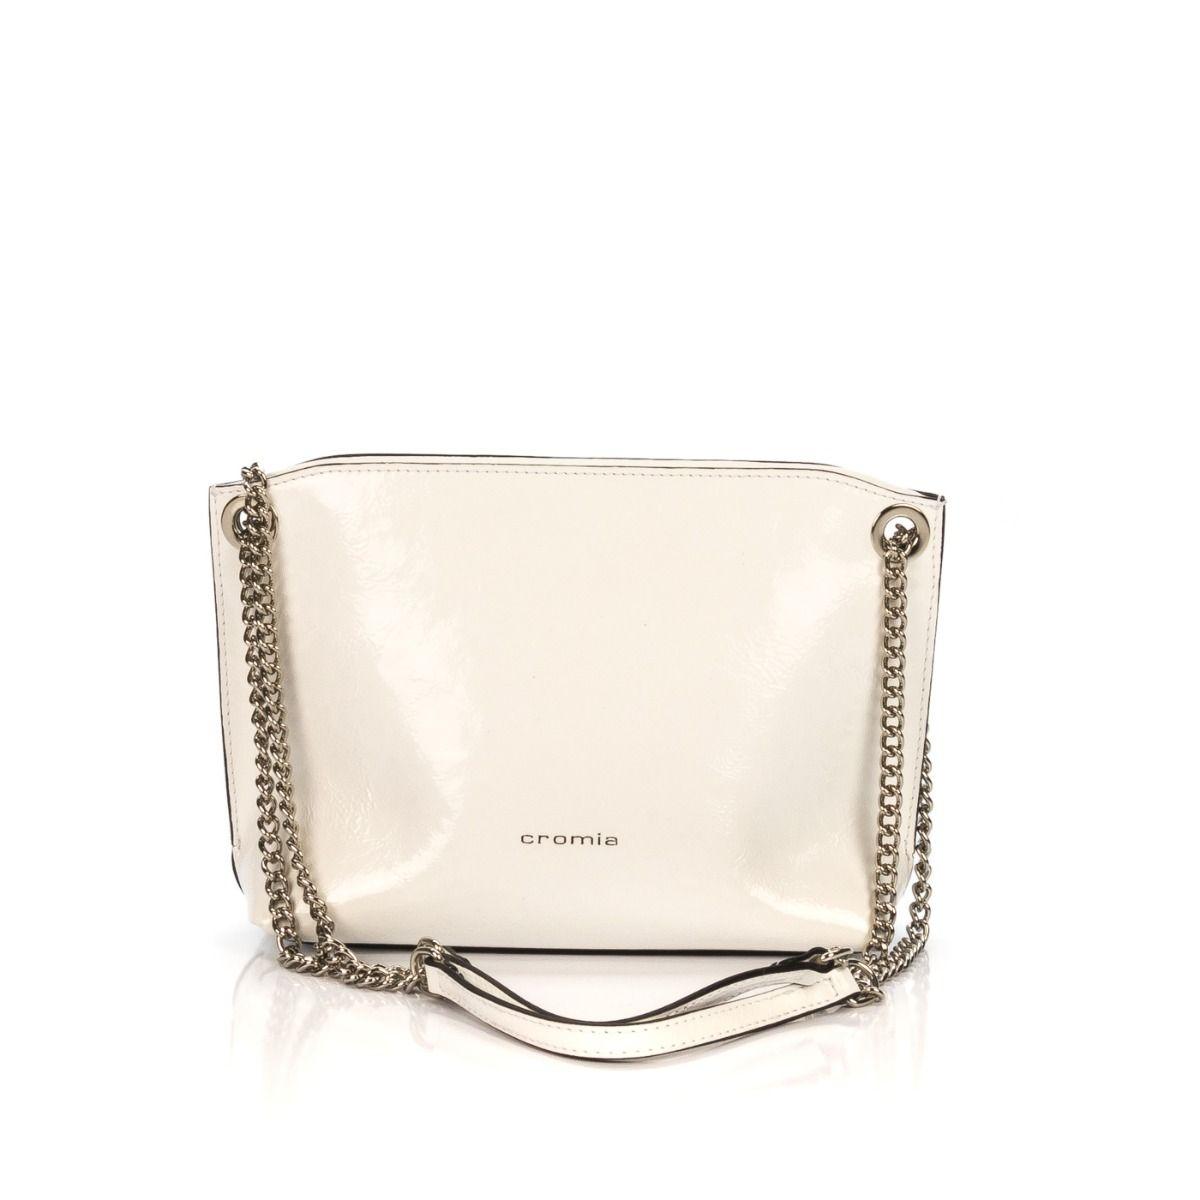 1fd2a7ab4e Borsa a spalla donna CROMIA 3760NK CORY in vernice bianca |Spedizione  gratuita|Shop online|Shoe Center